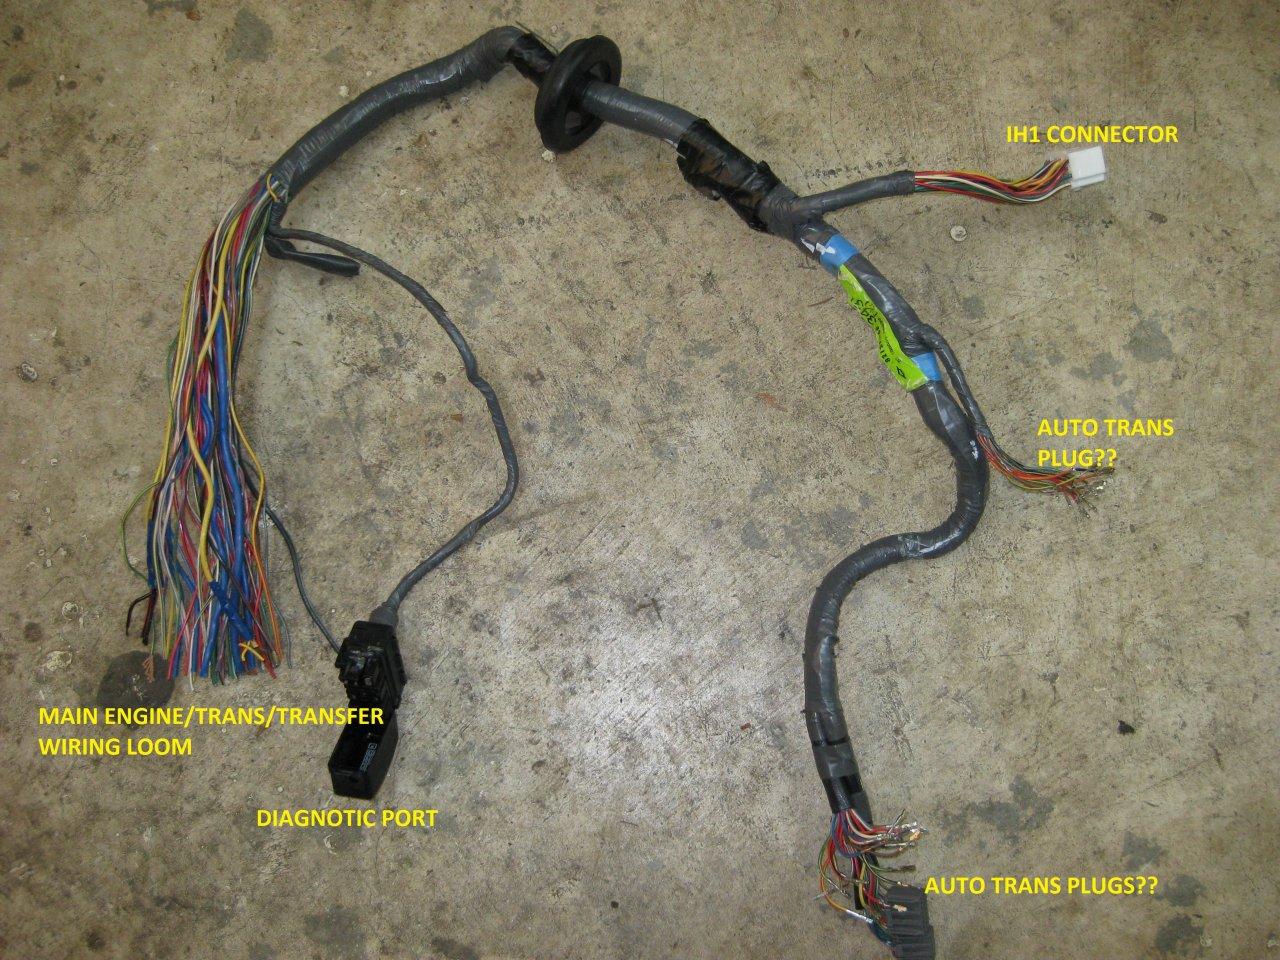 Euro 1HDFT Turbo DieselH151F 5 Speed Manual LHD 96 USA Swap – Lx570 Wiring Harness